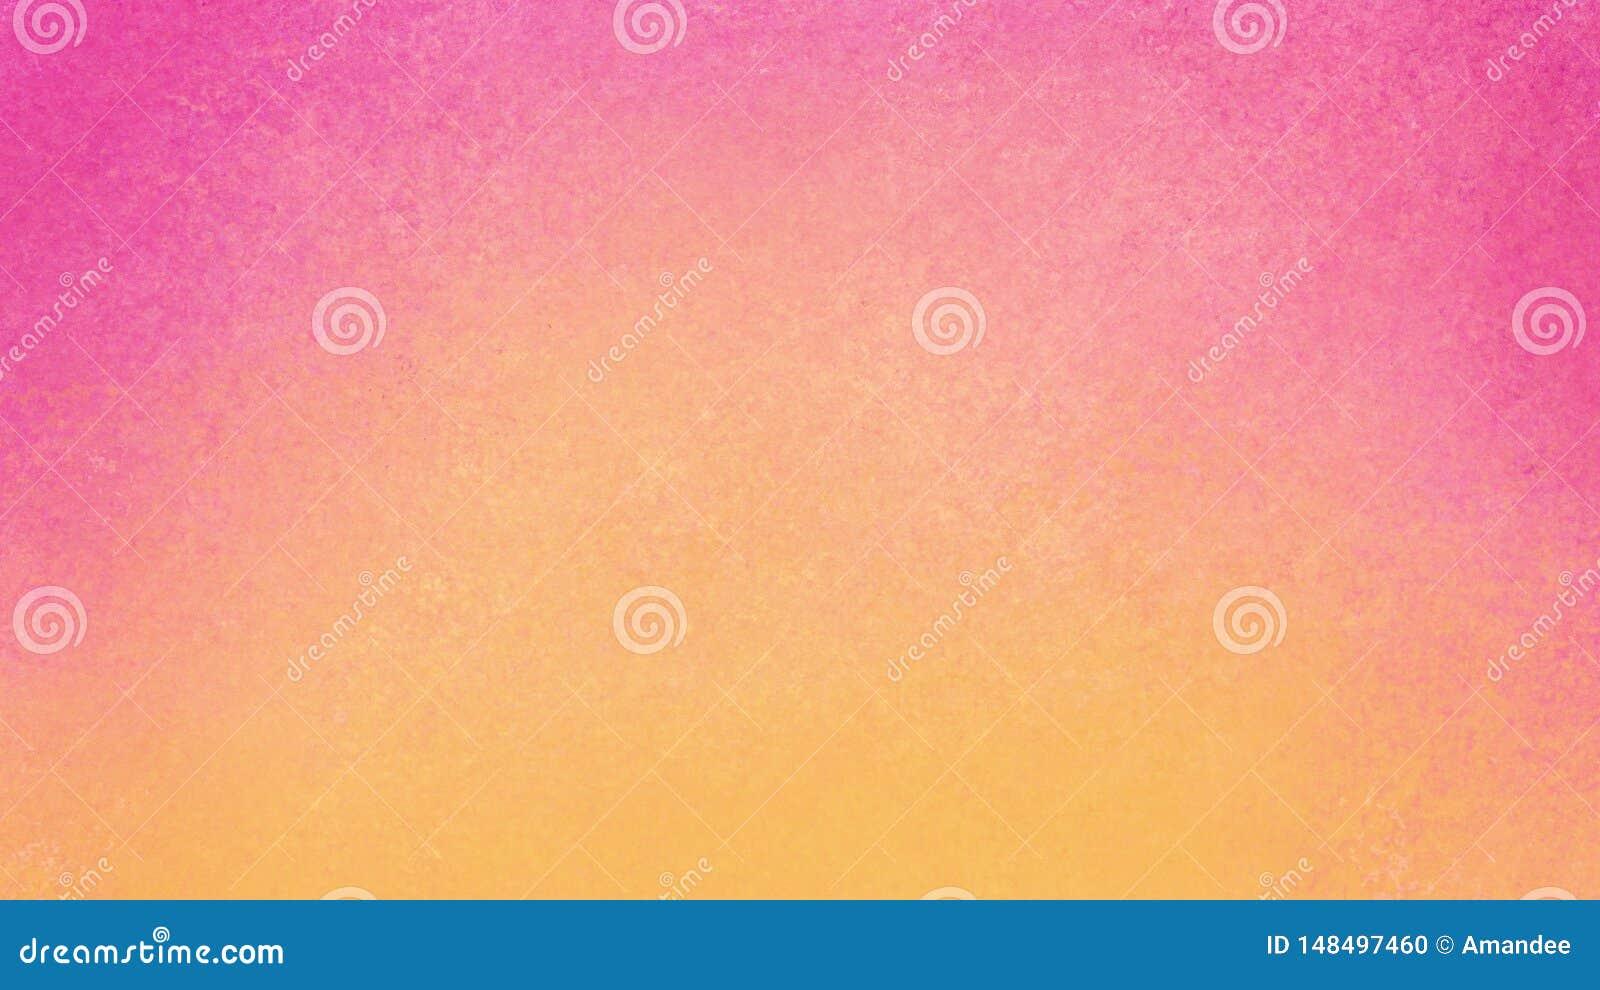 Rosa e fundo amarelo com textura velha do vintage no projeto abstrato colorido